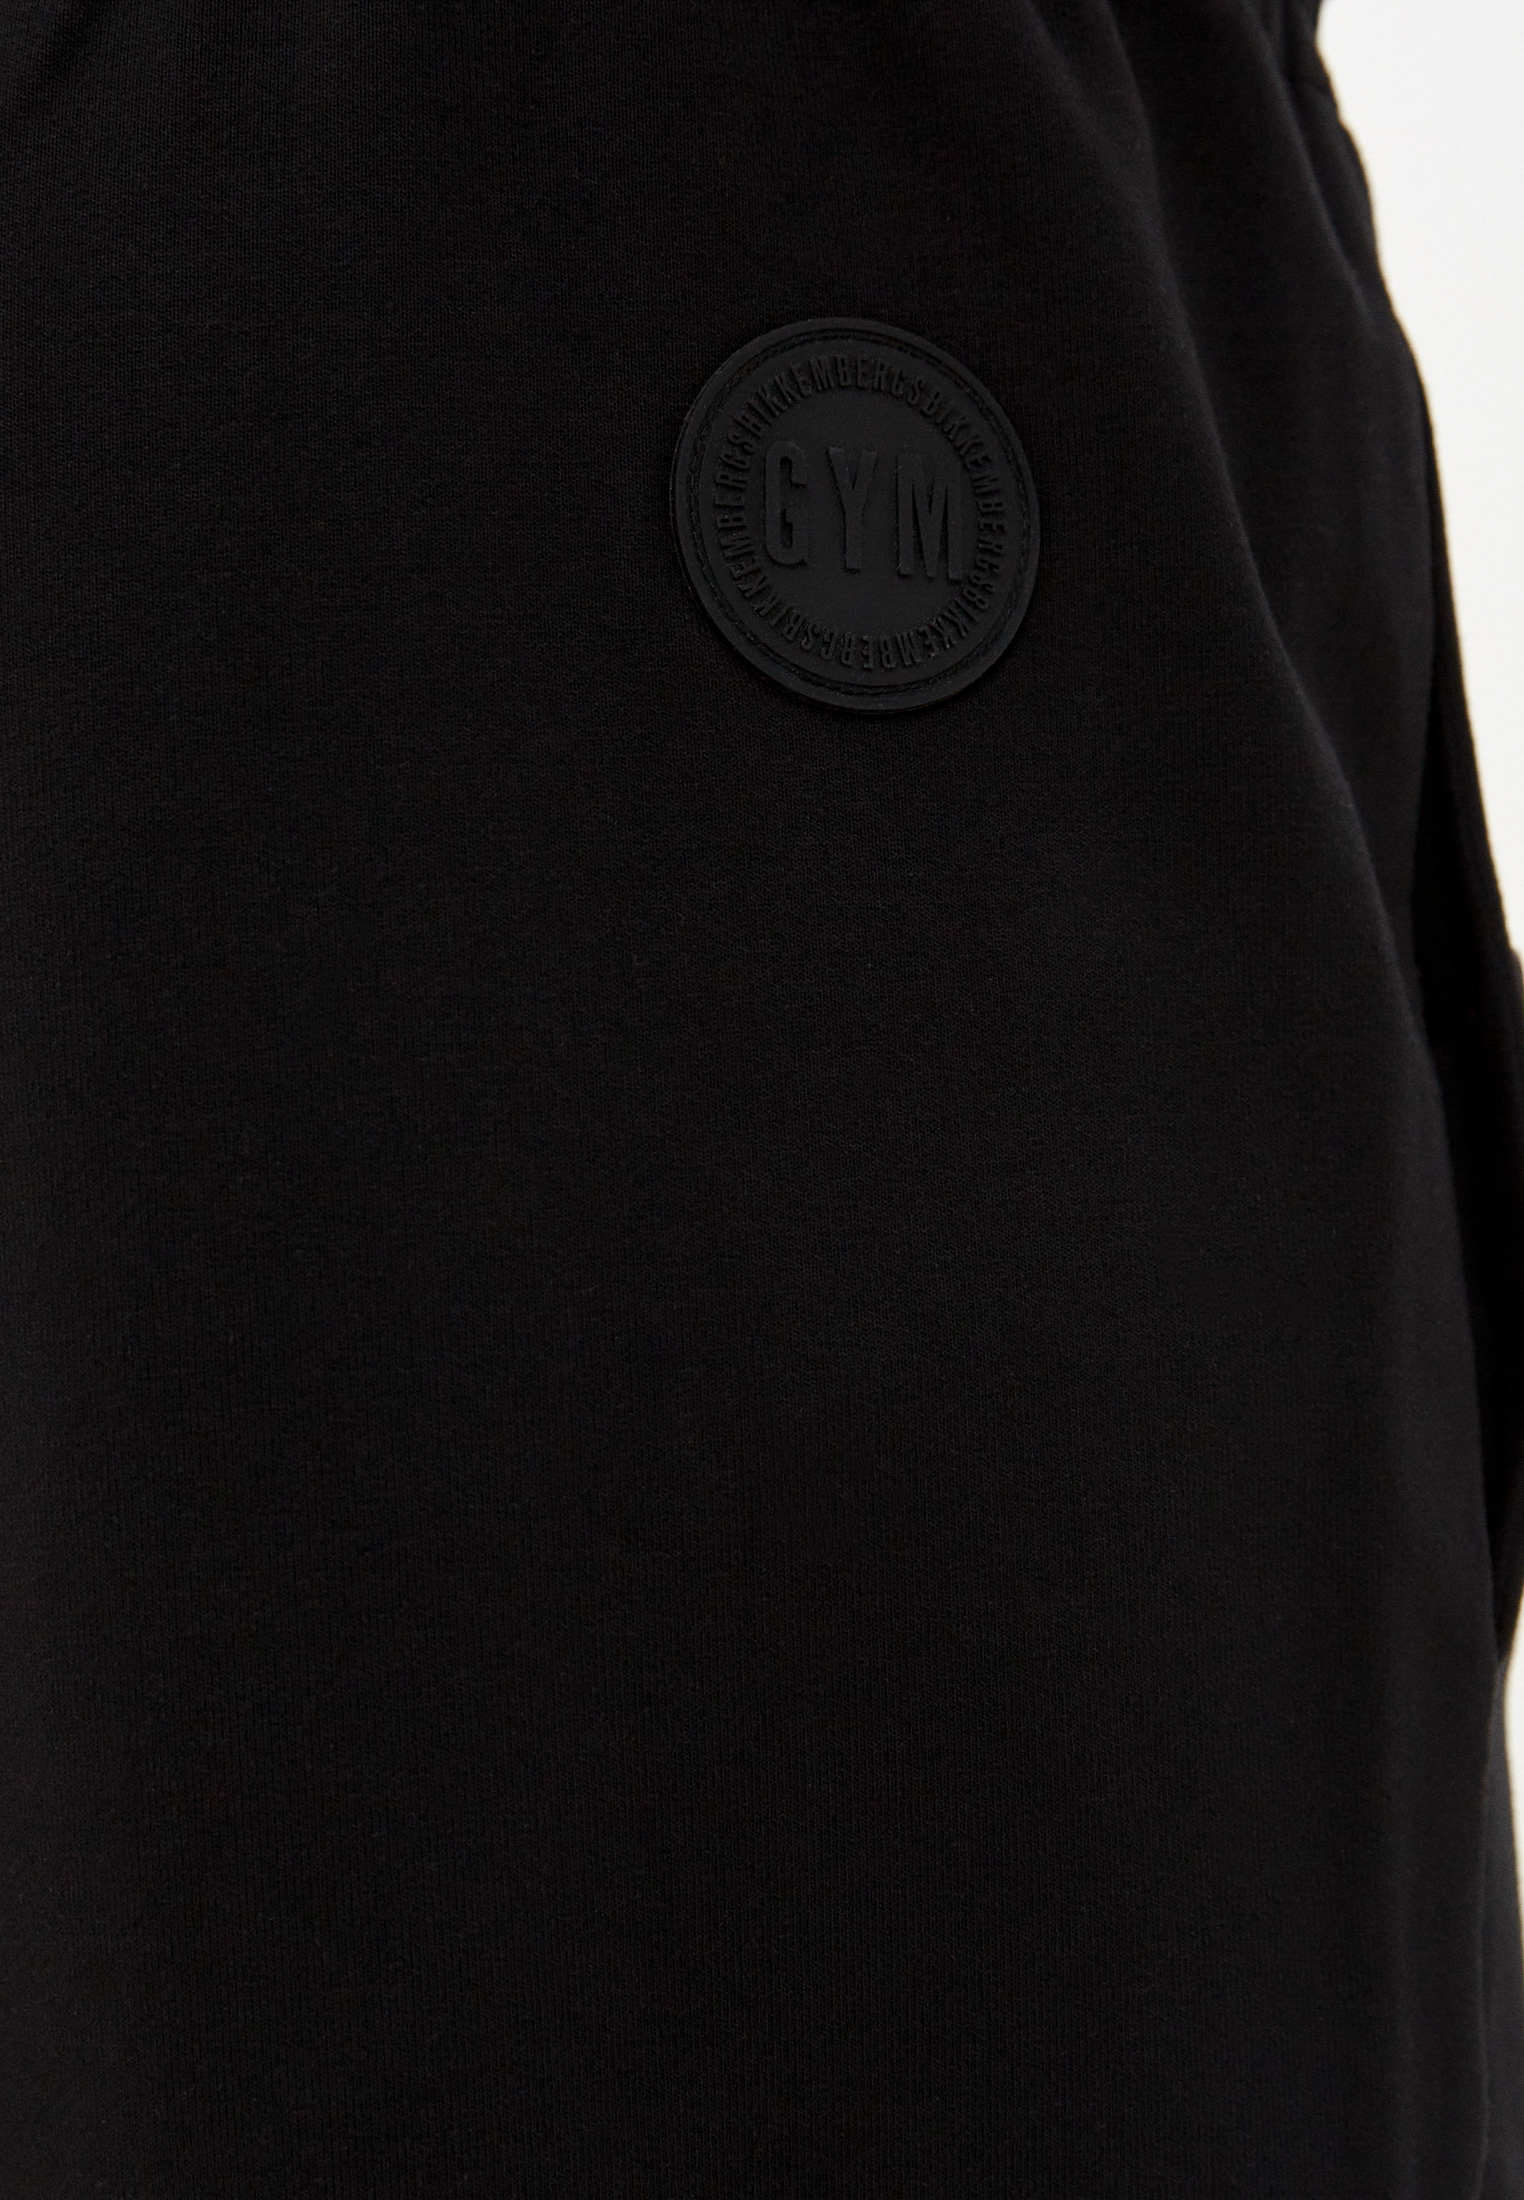 Мужские спортивные брюки Bikkembergs (Биккембергс) C 1 211 80 E 2276: изображение 5